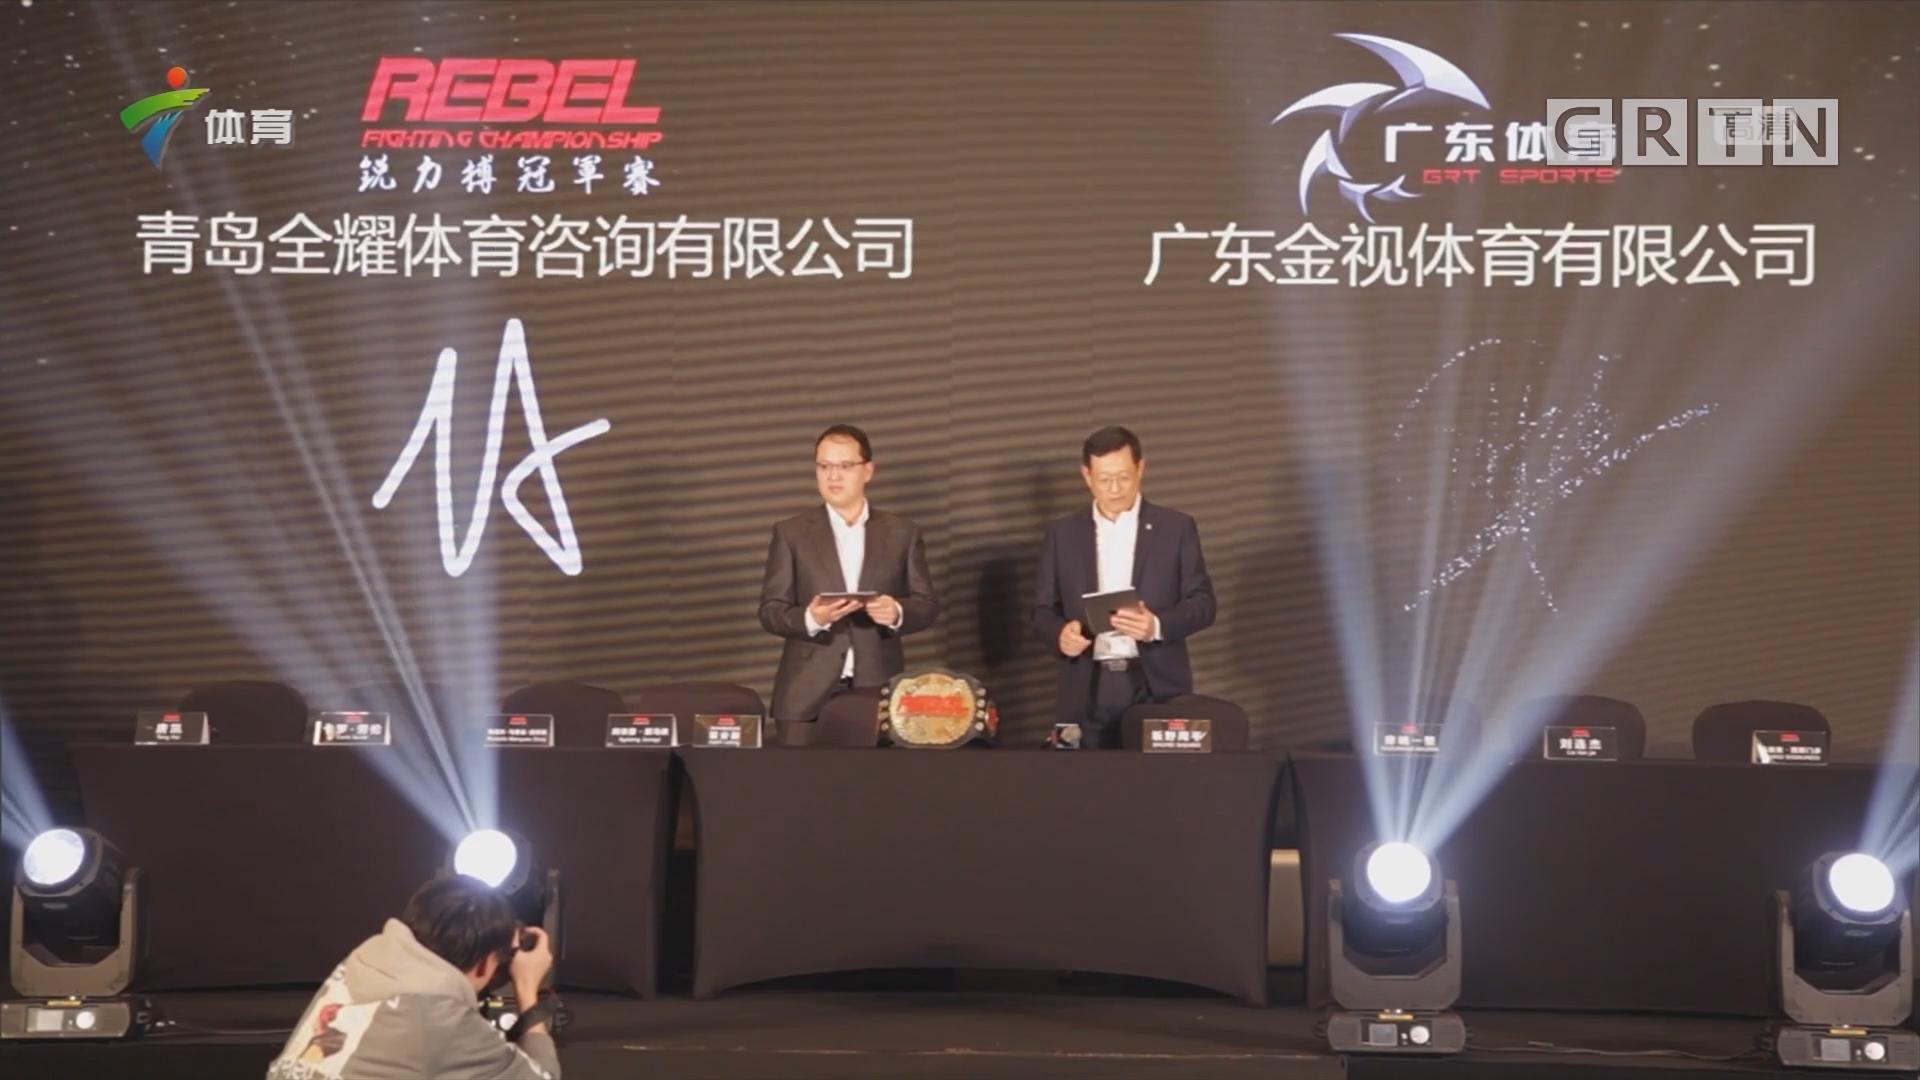 广东体育频道联手锐力搏打造MMA格斗盛宴